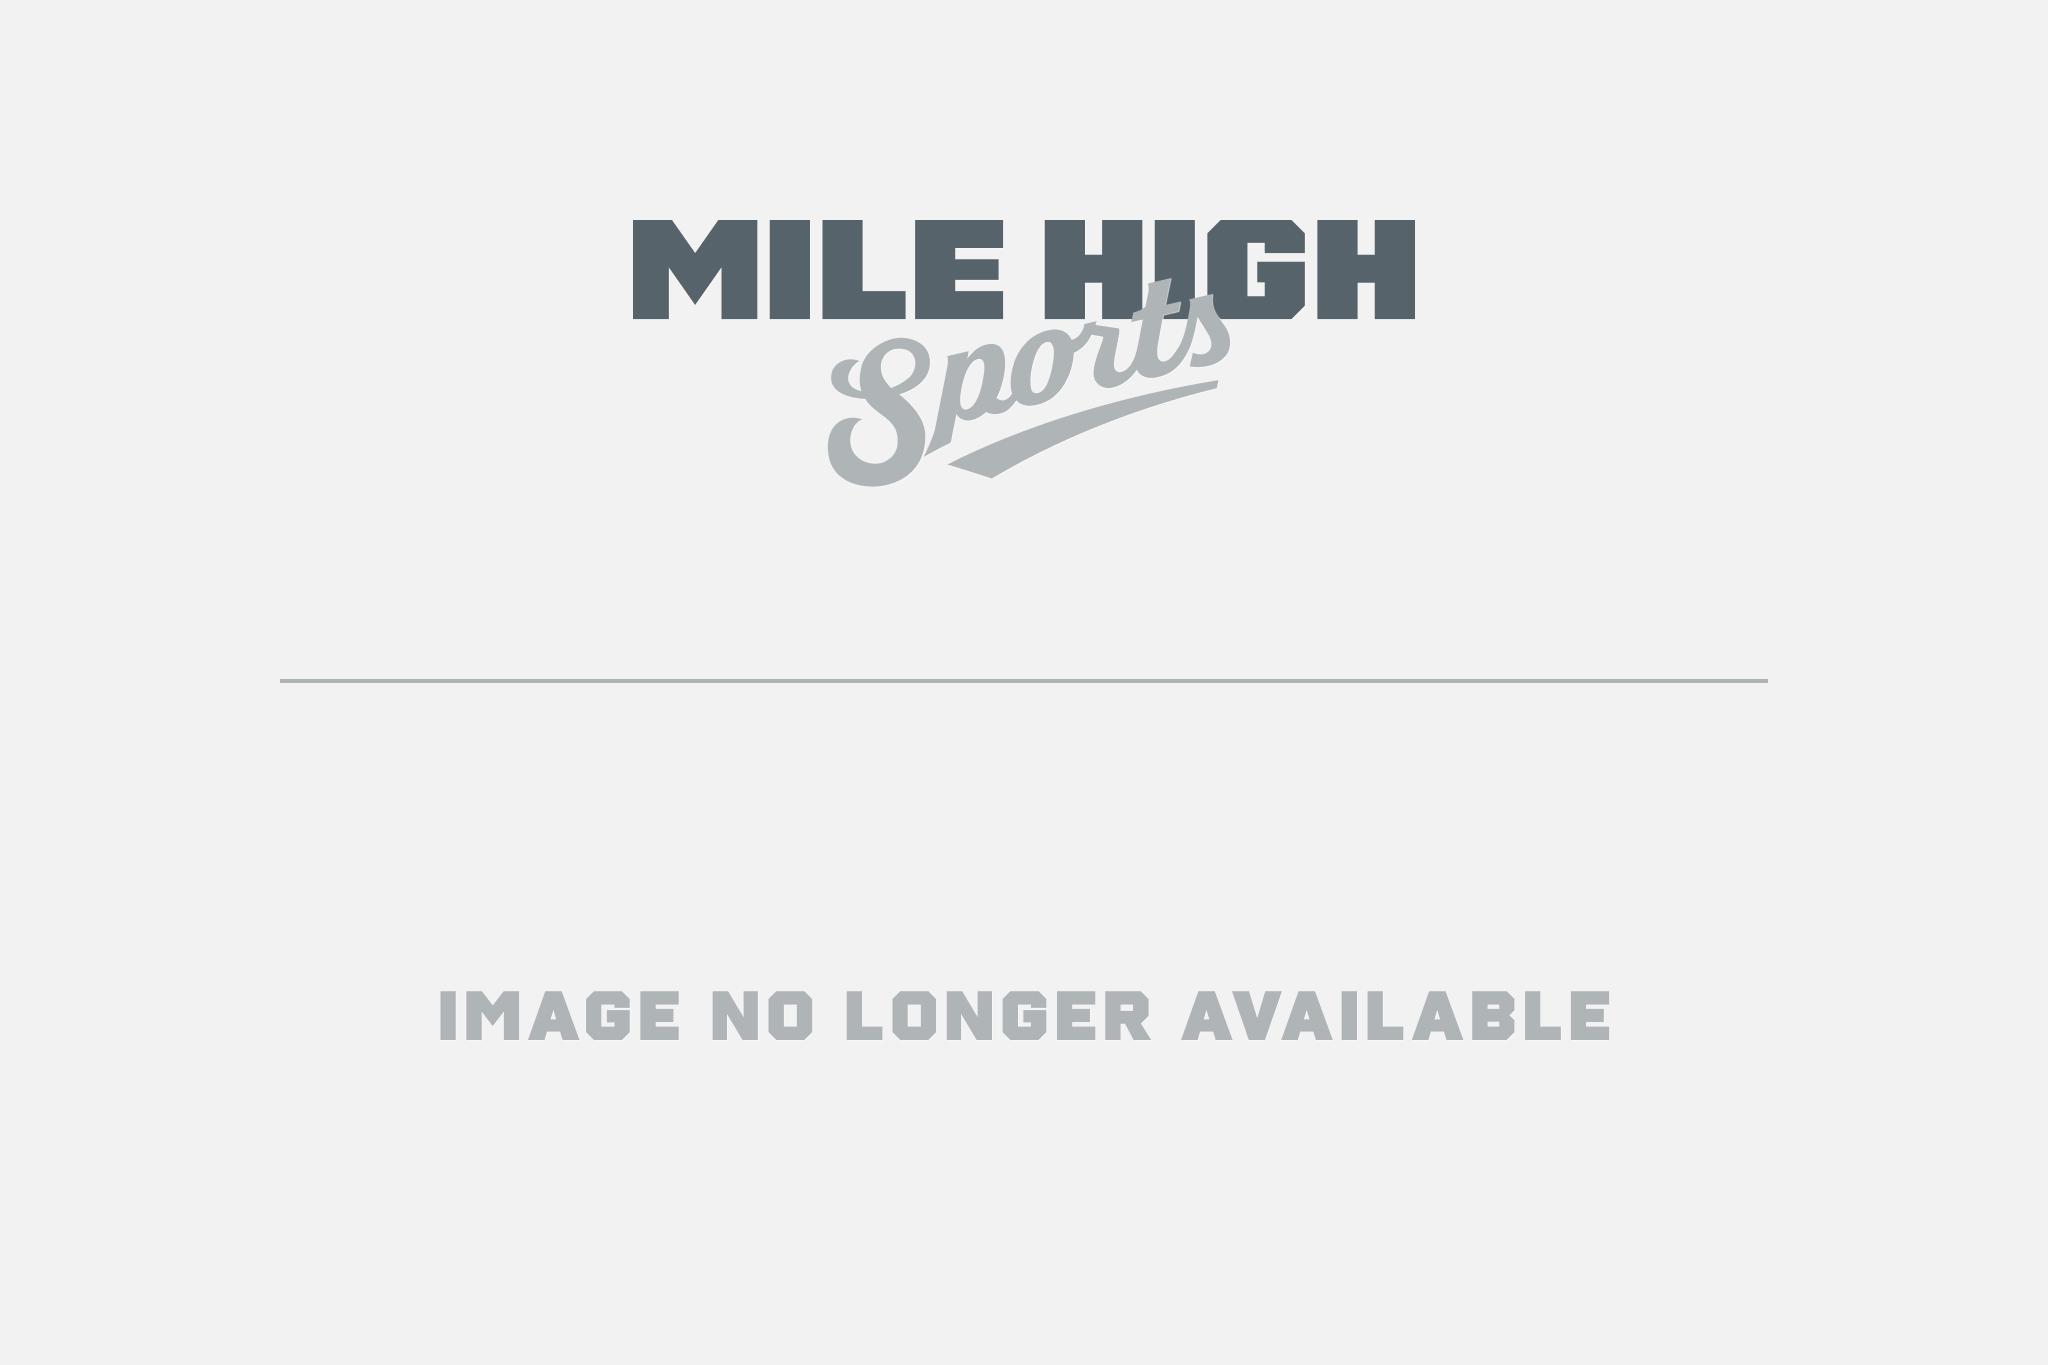 Avs_20th_ann_logo